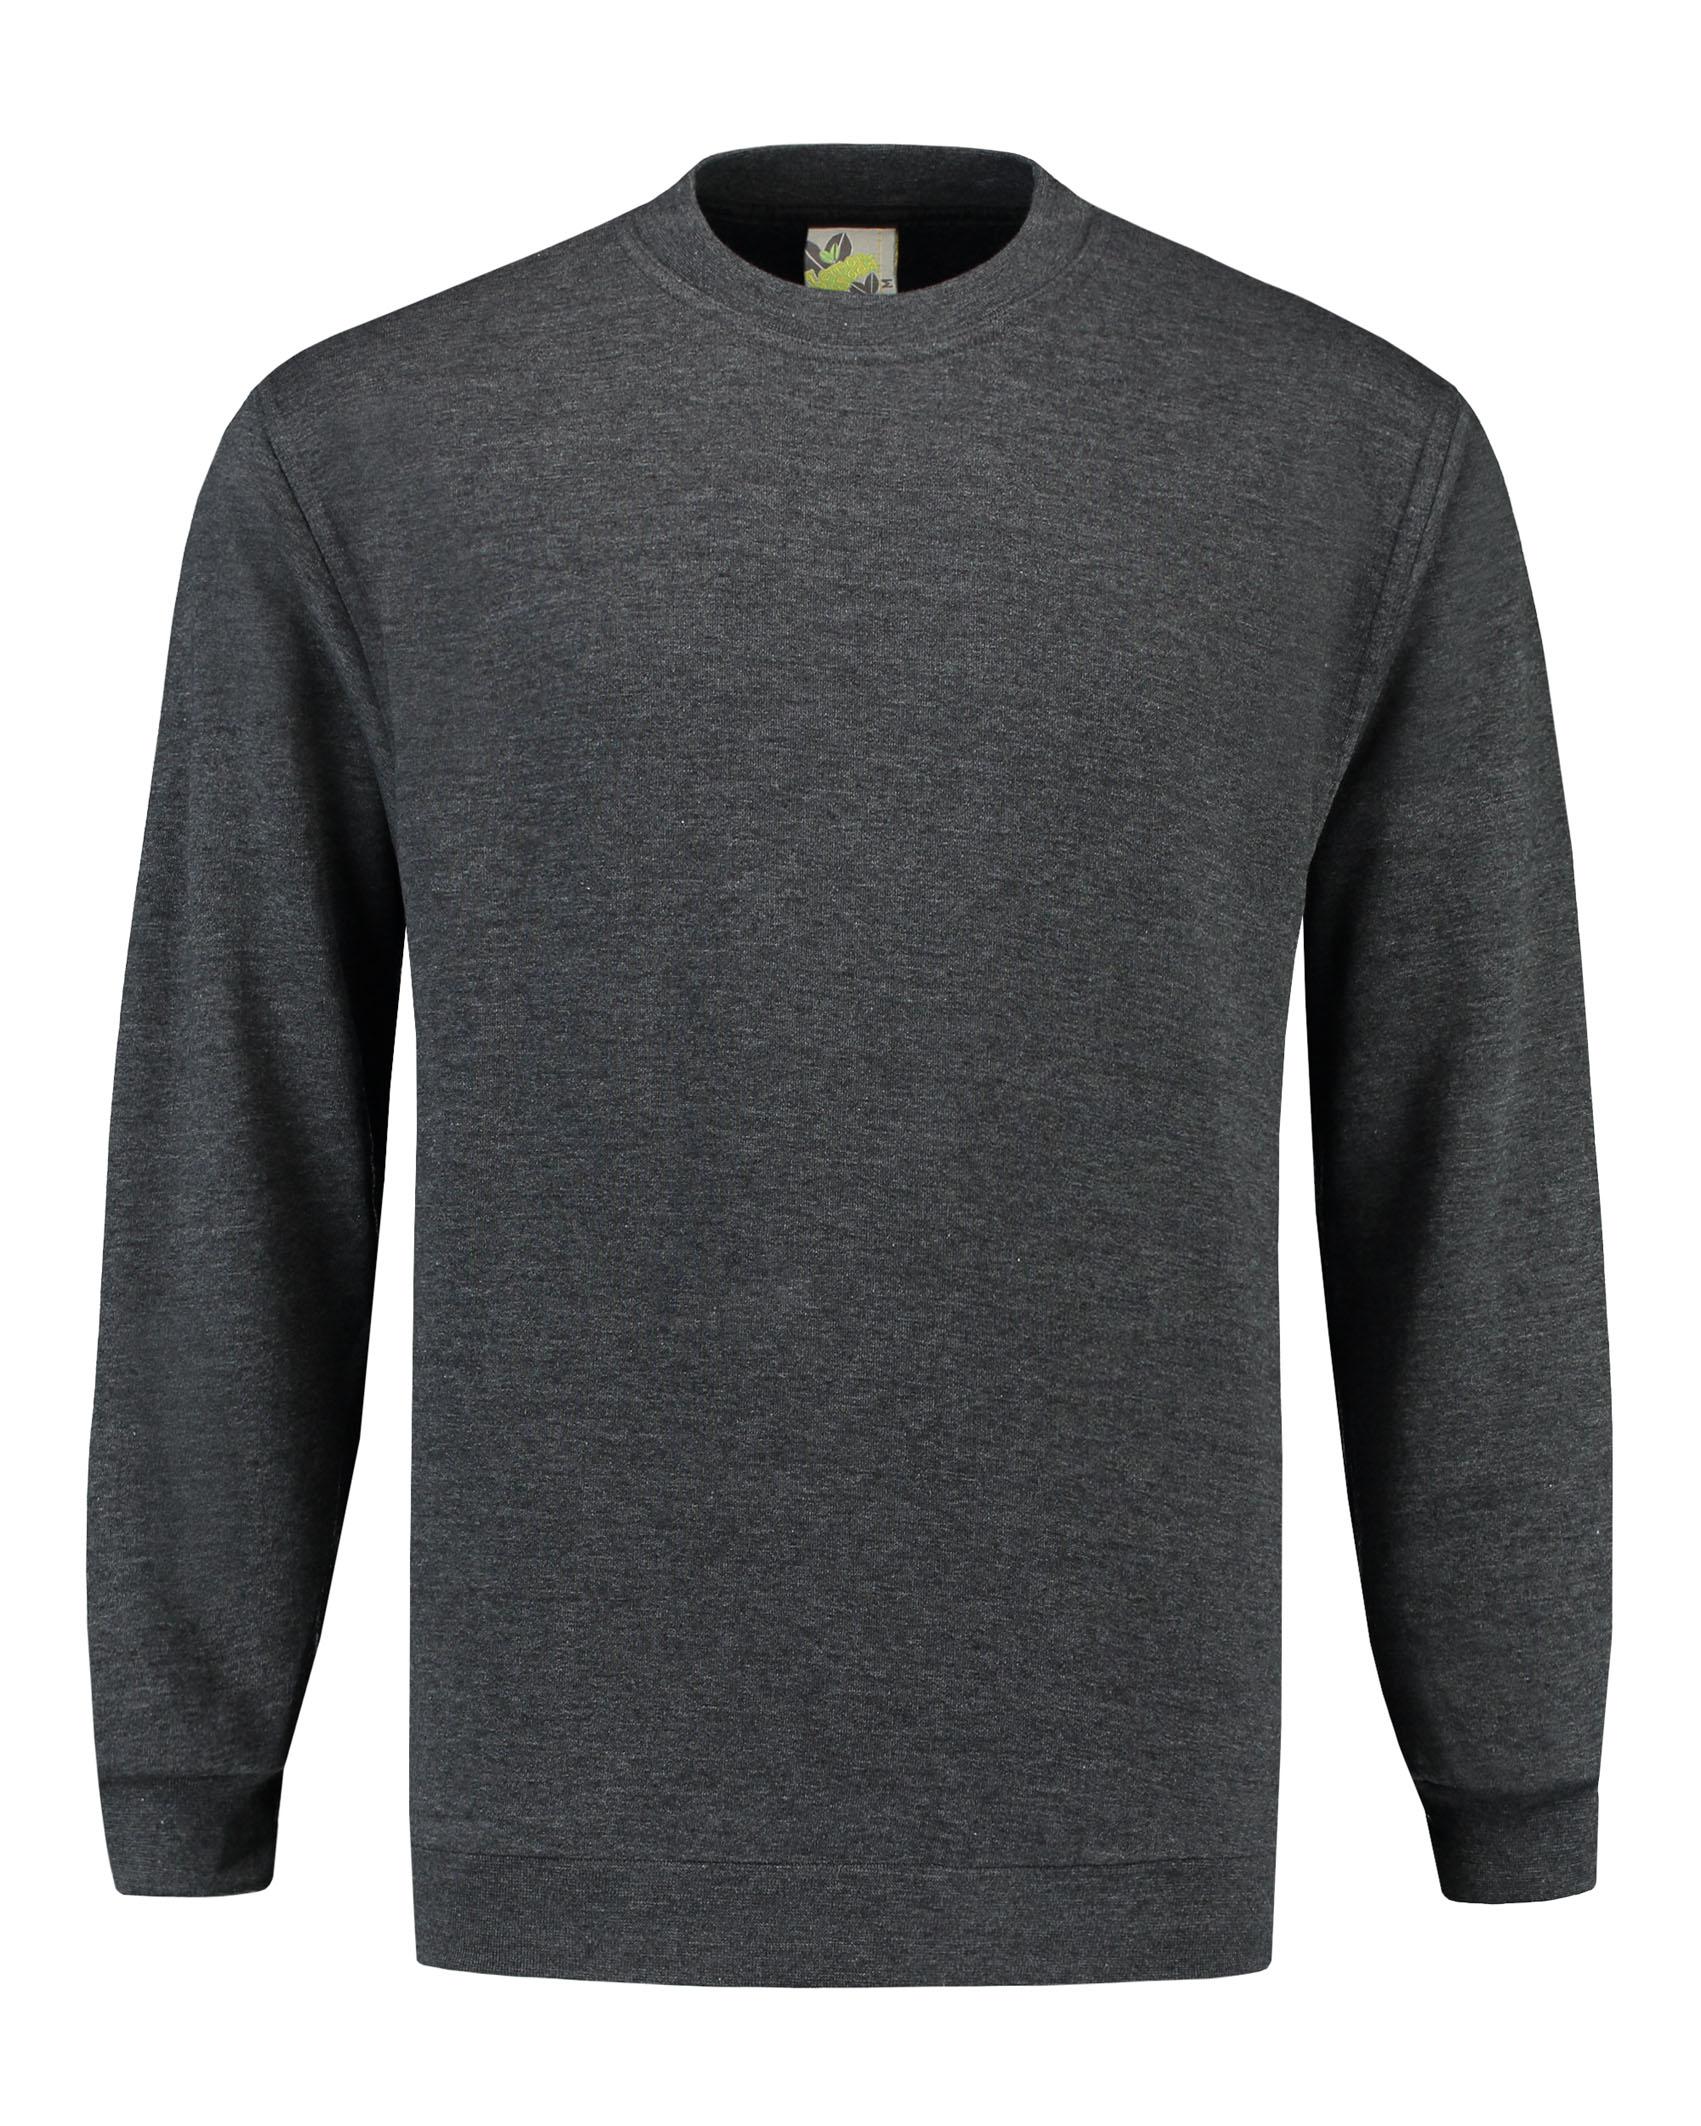 L&S Sweater Crewneck